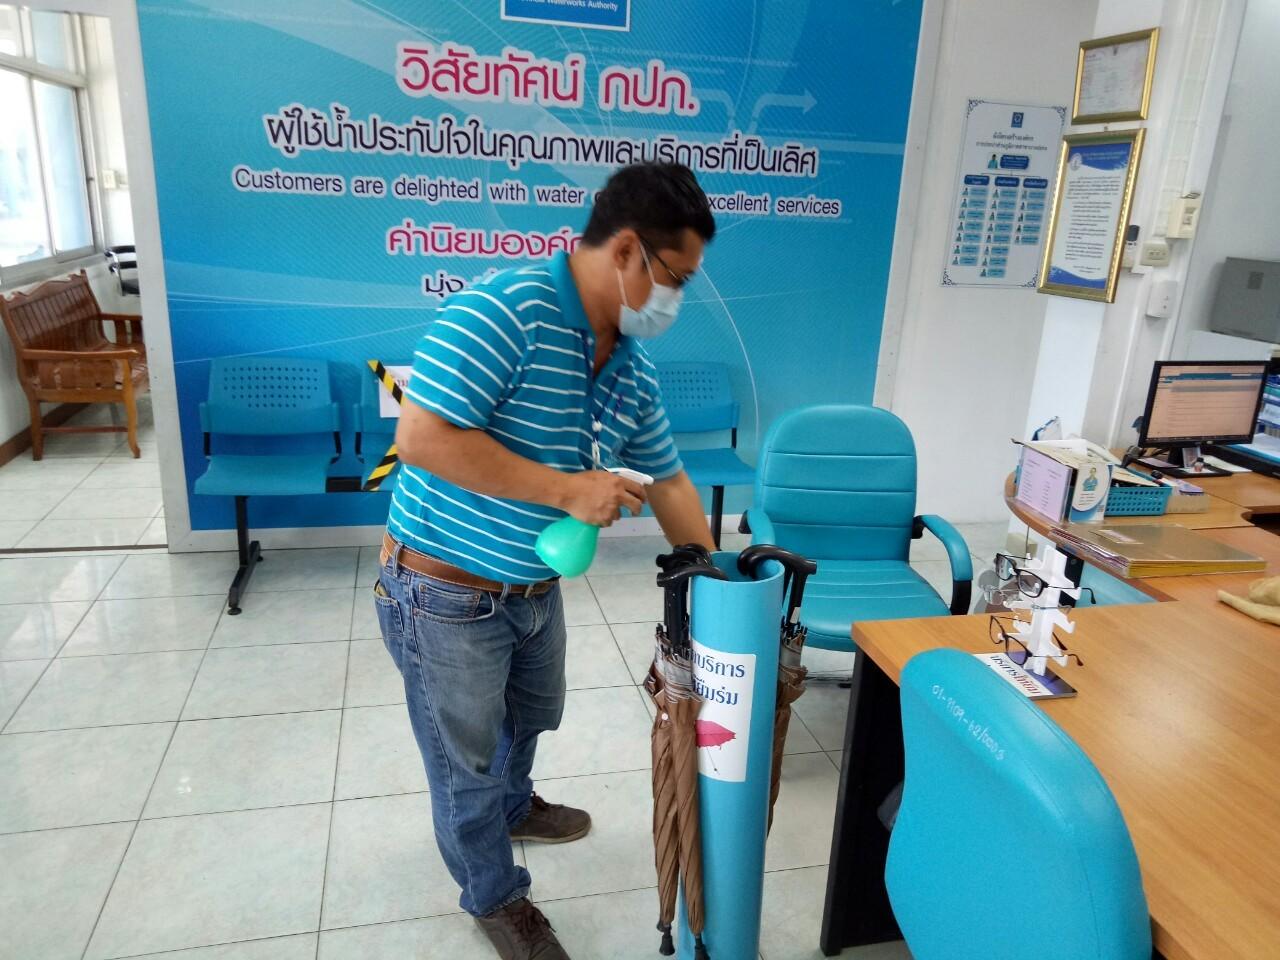 กปภ.สาขาบางปะกง ทำความสะอาด เพื่อป้องกันการแพร่ระบาด ไวรัส COVID-19